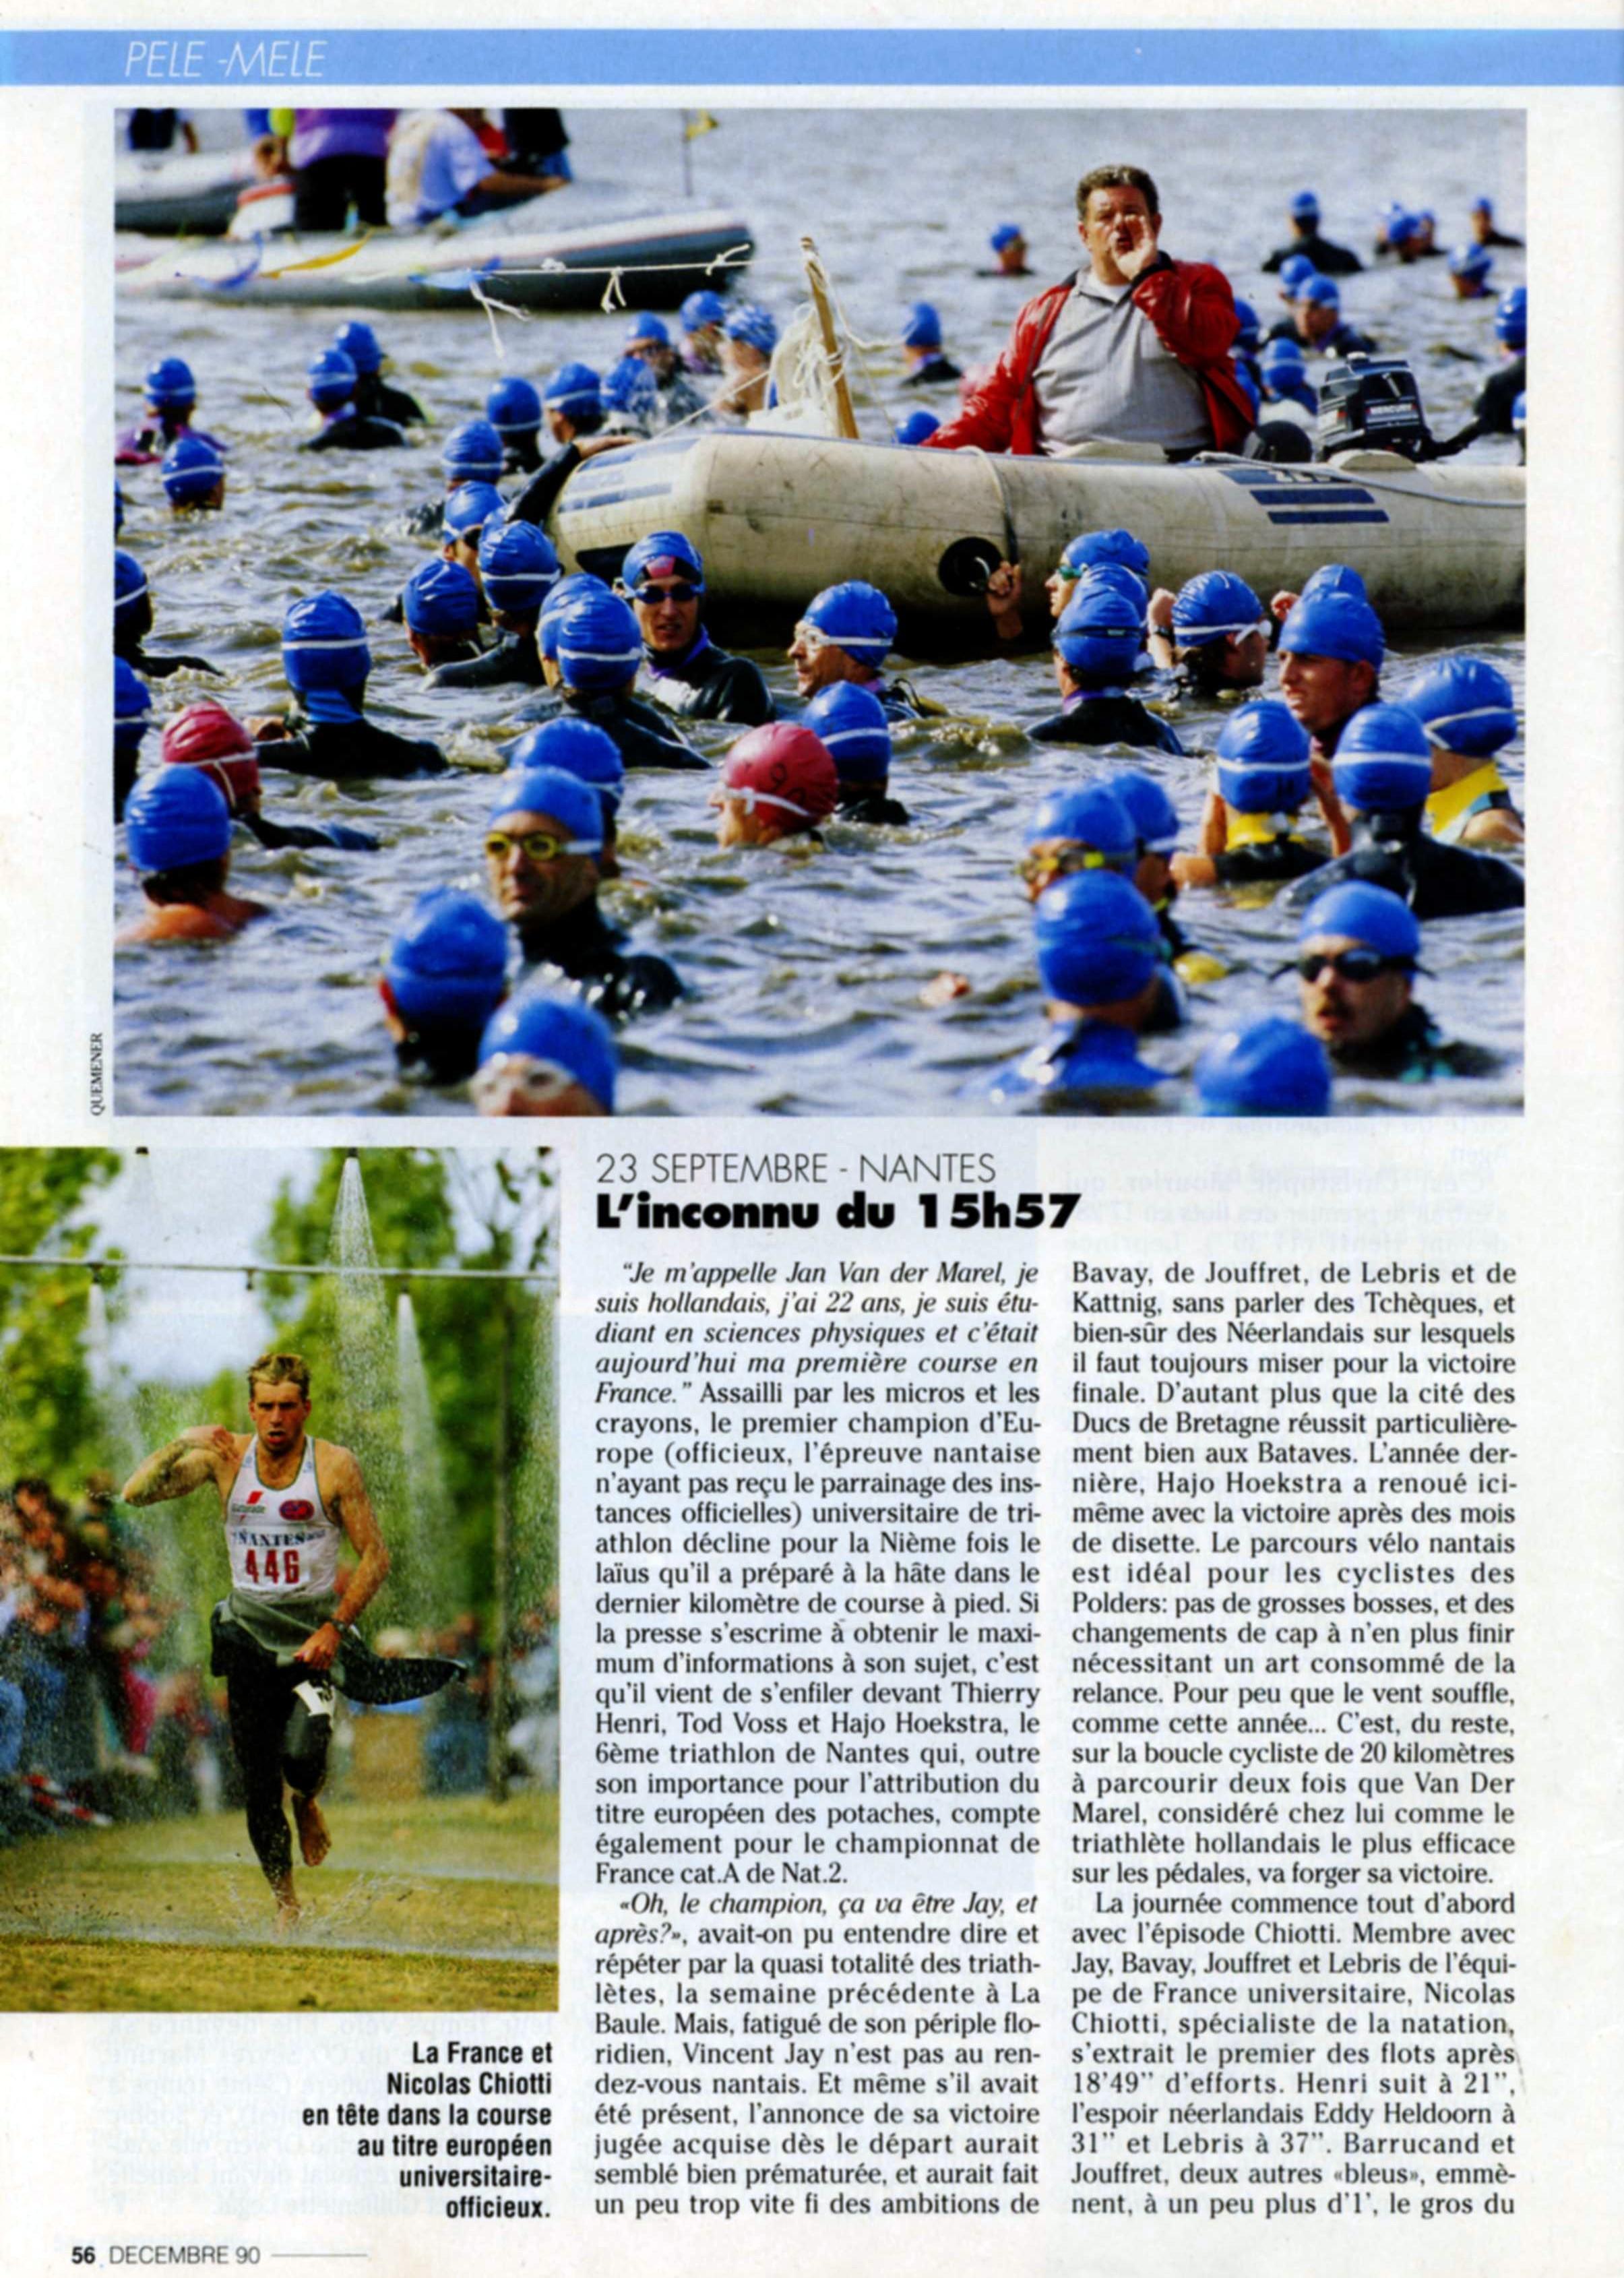 img974_23-09-1990_nantes